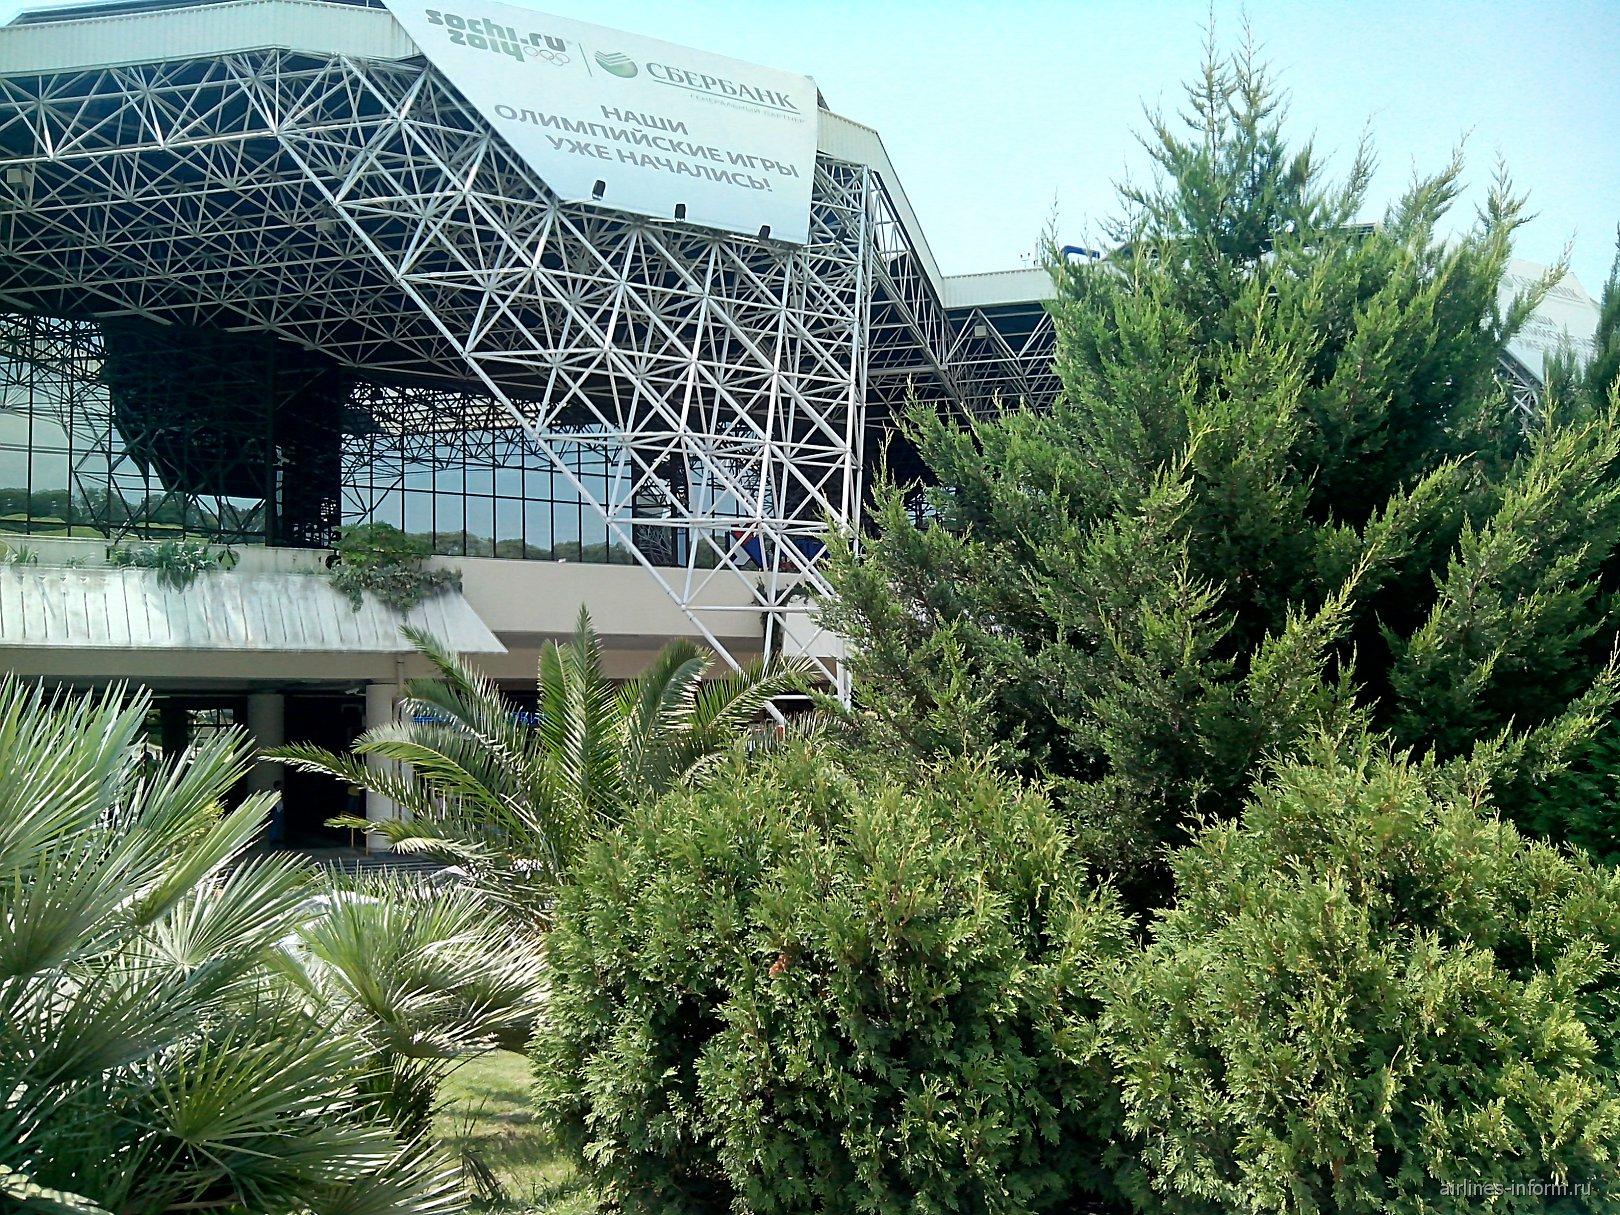 Аэропорт Сочи со стороны привокзальной площади